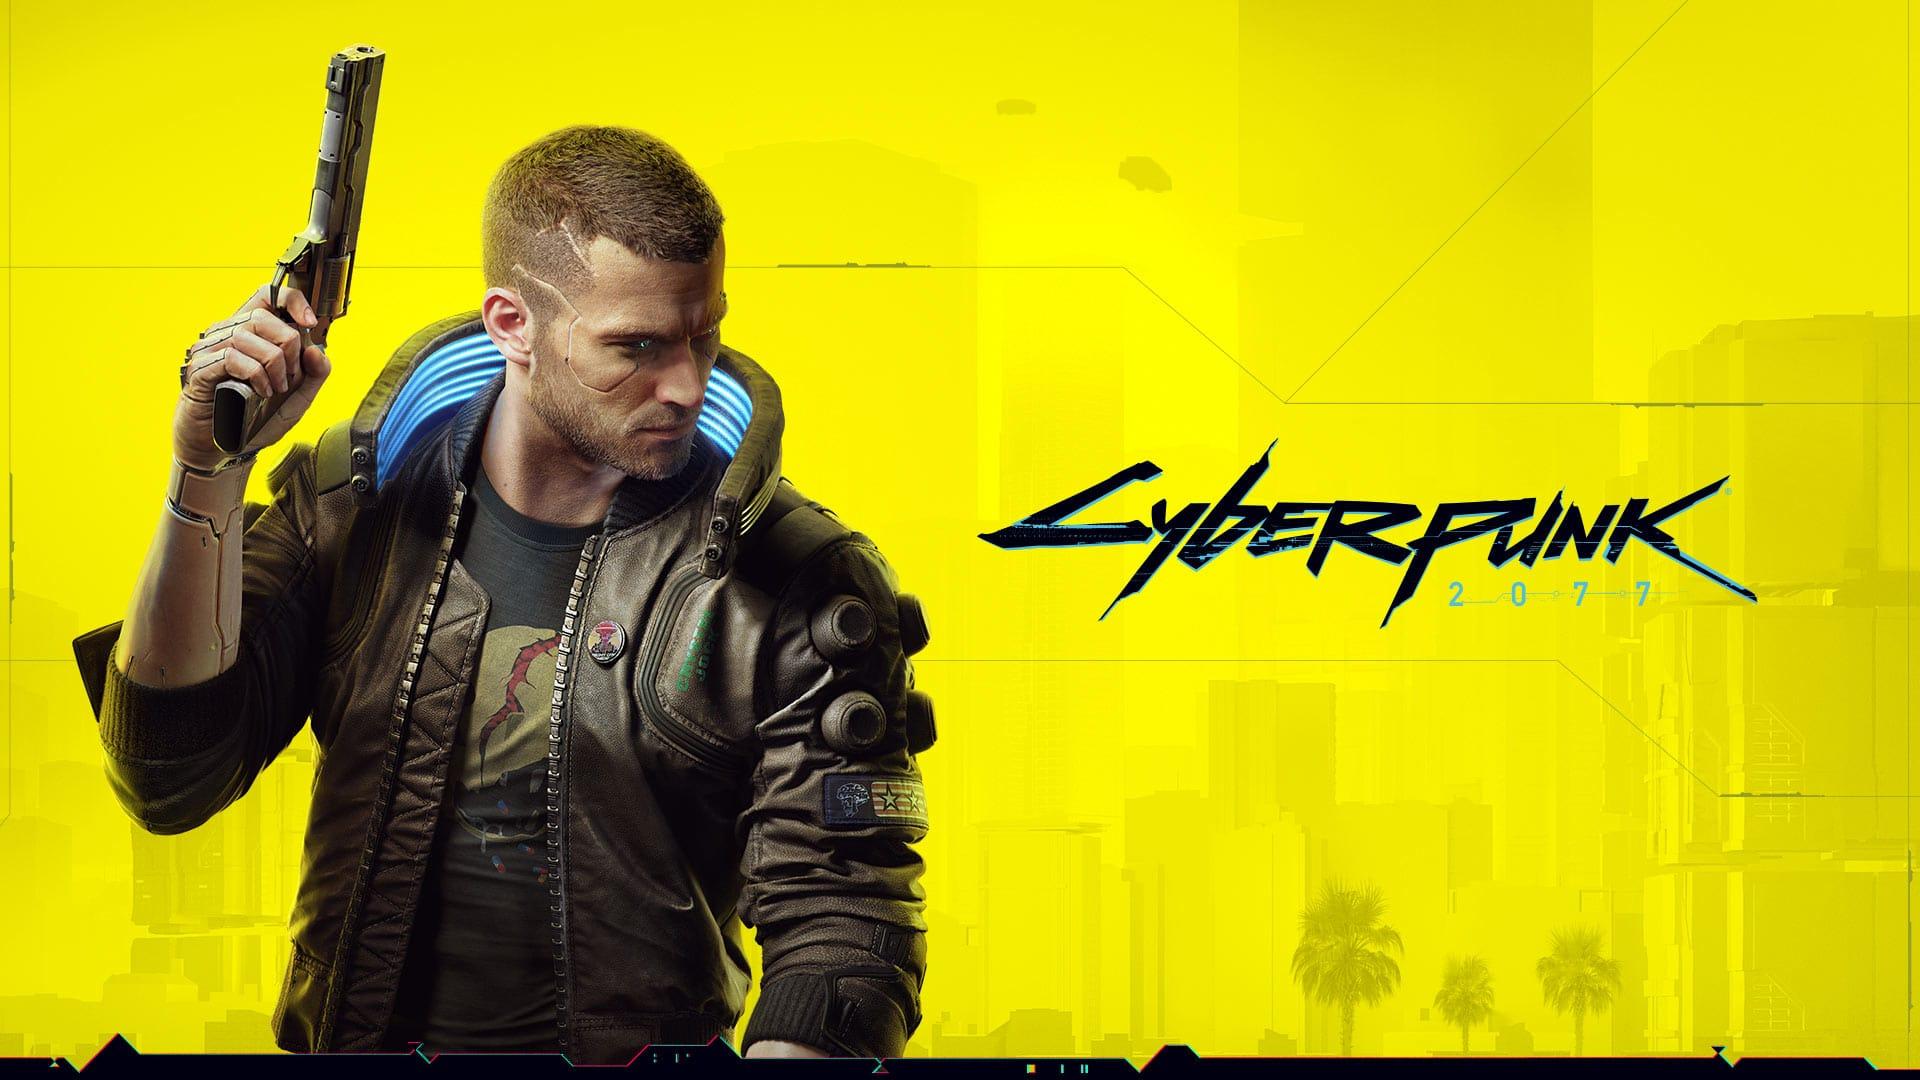 Cyberpunk-2077-Wallpaper-4